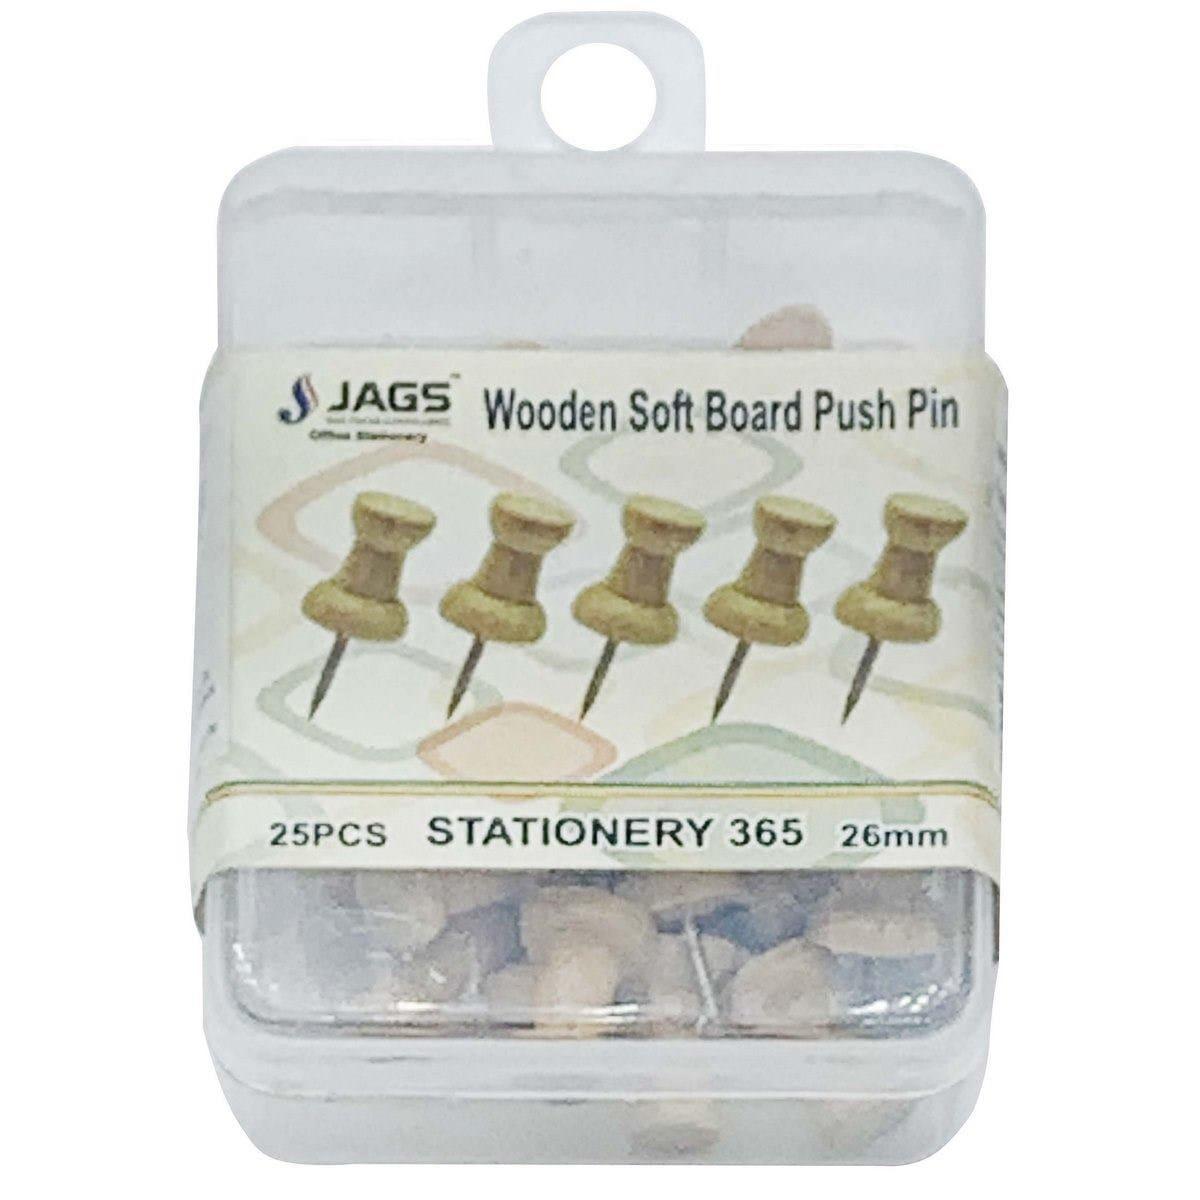 Soft Board Push Pin